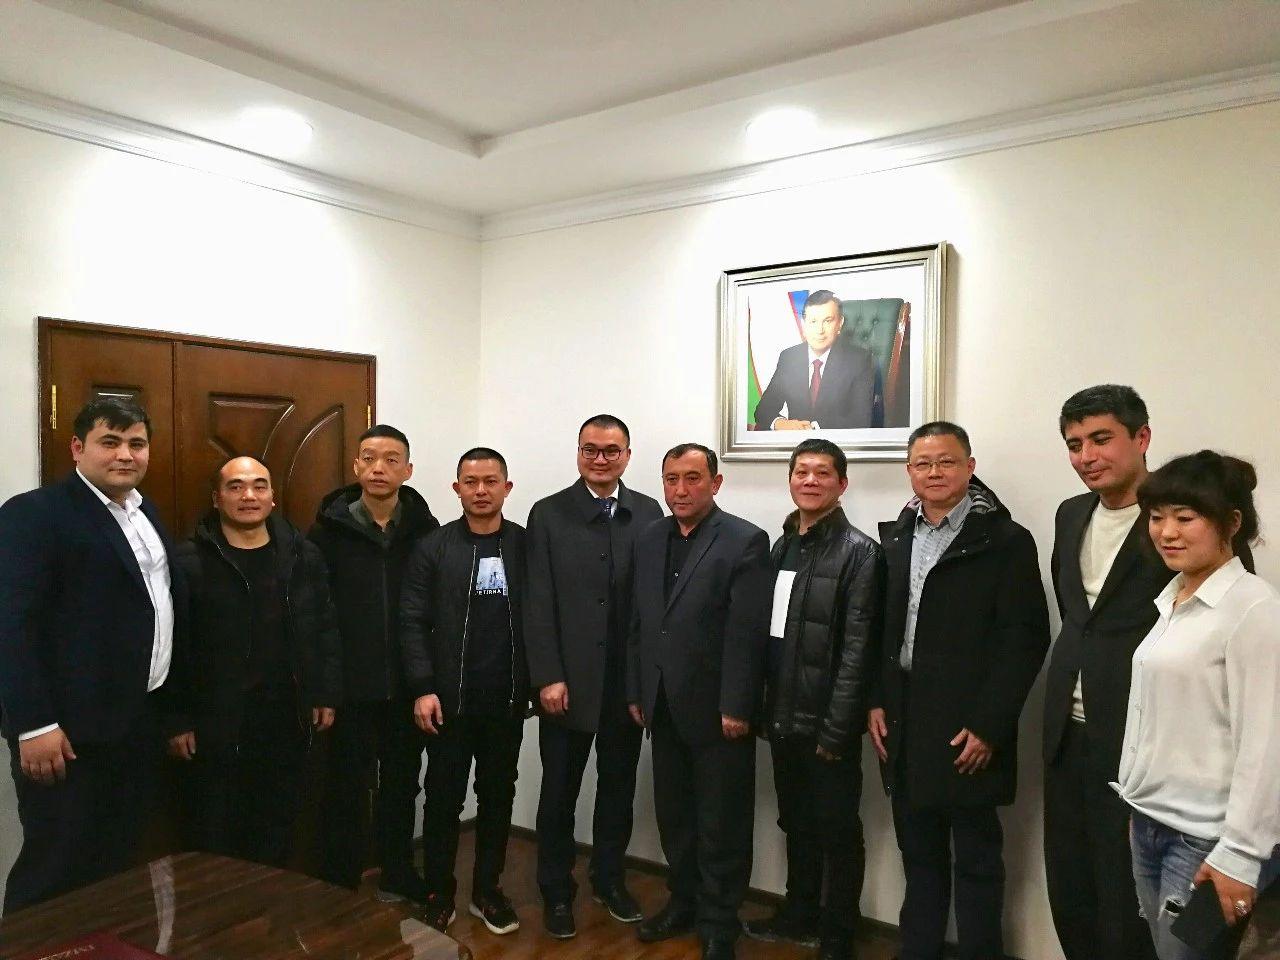 南安市石材机械辅料产业联合会一行到访乌兹别克斯坦